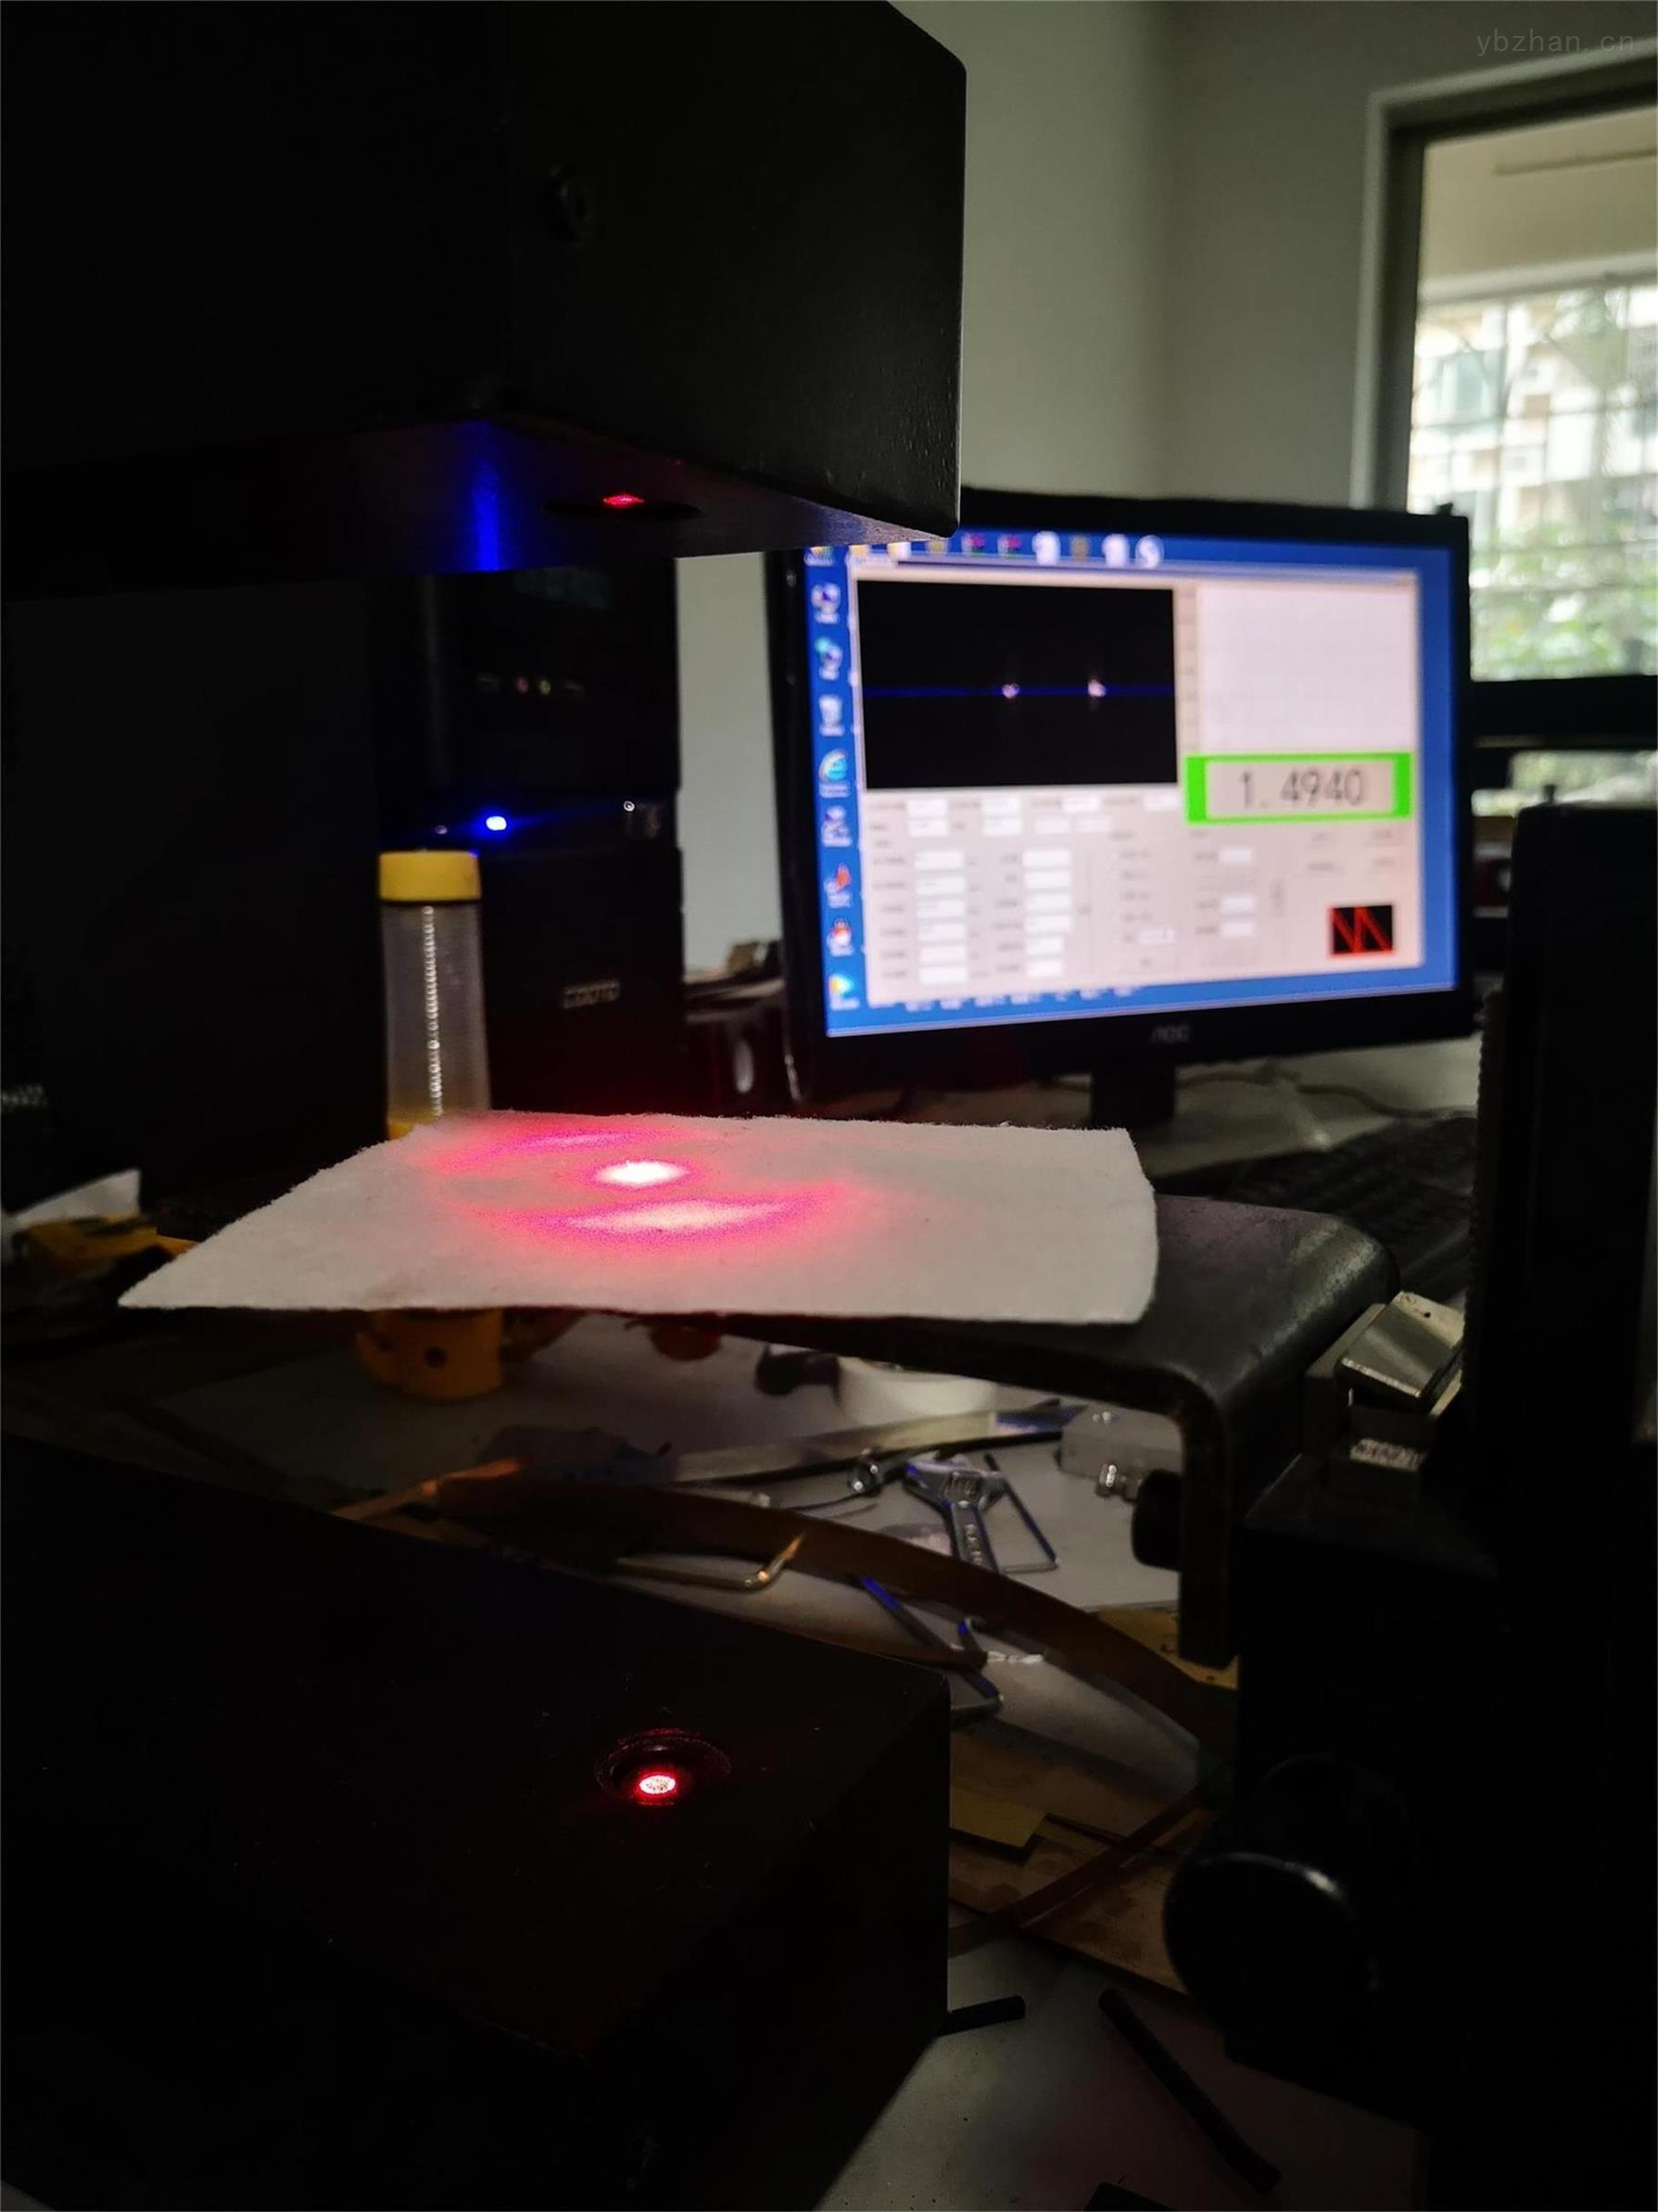 FMLJC-300-凤鸣亮视觉瑕疵探查光学表面缺陷在线检测仪